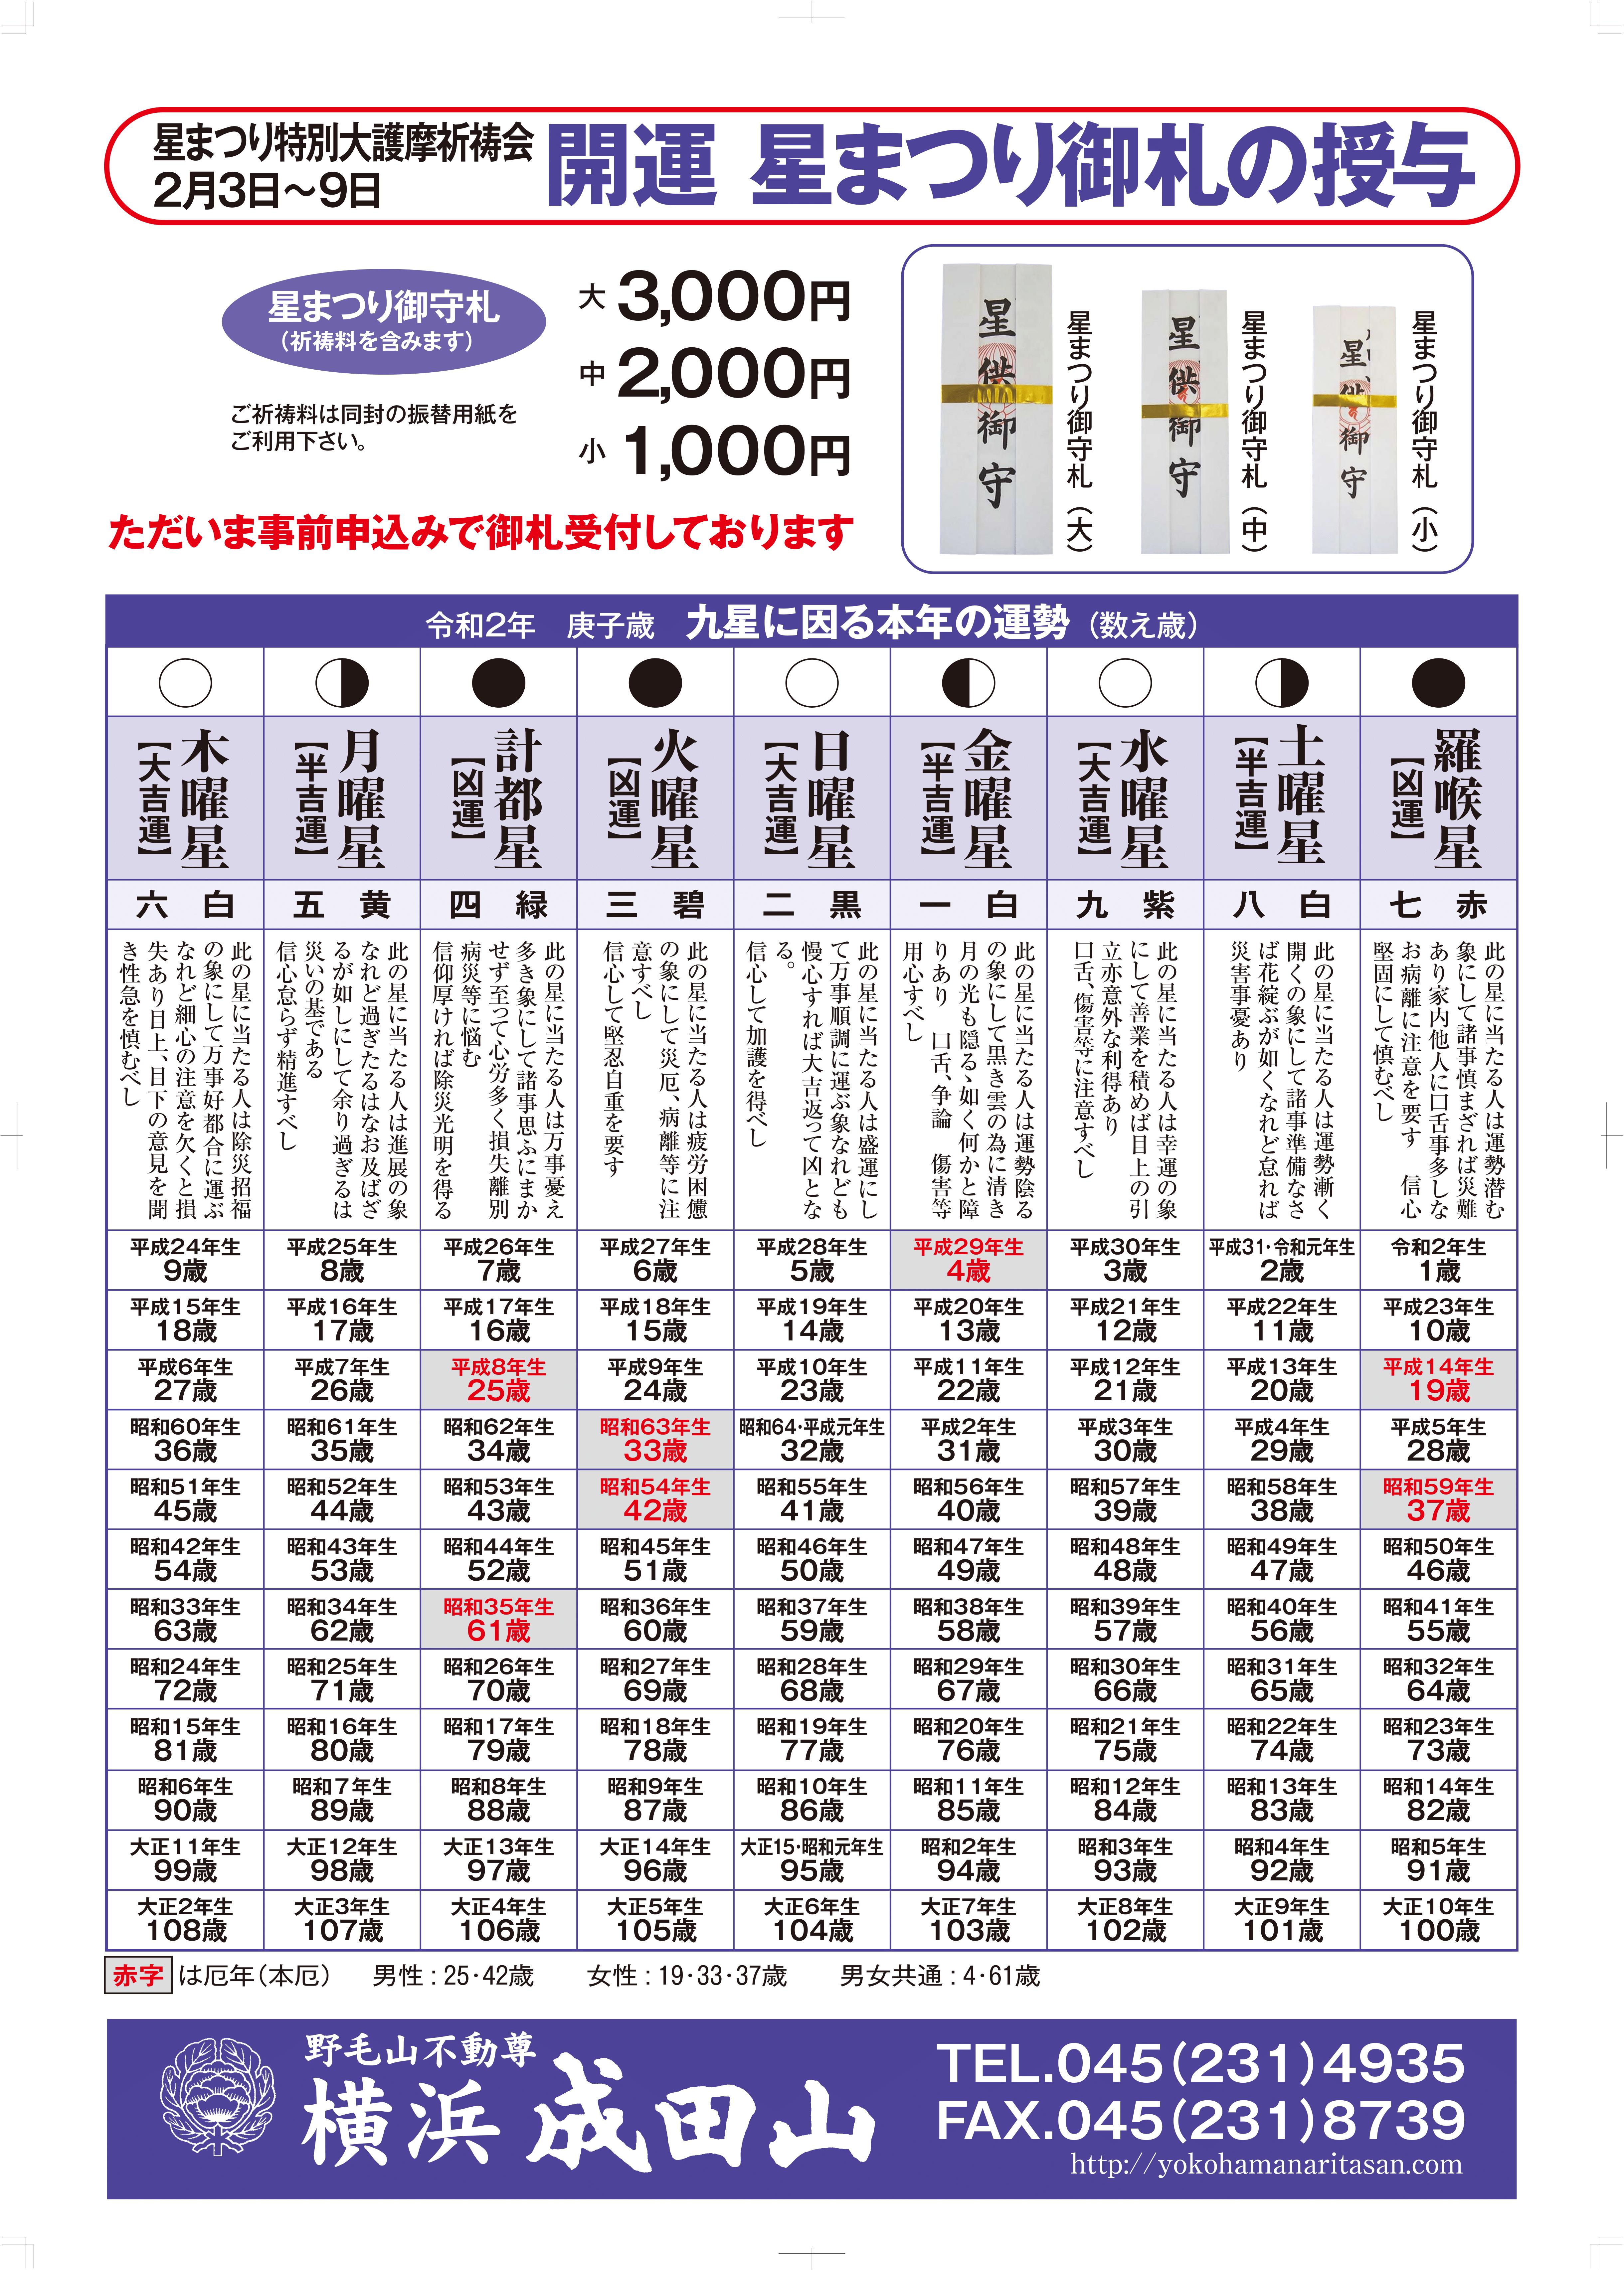 h26hoshiku